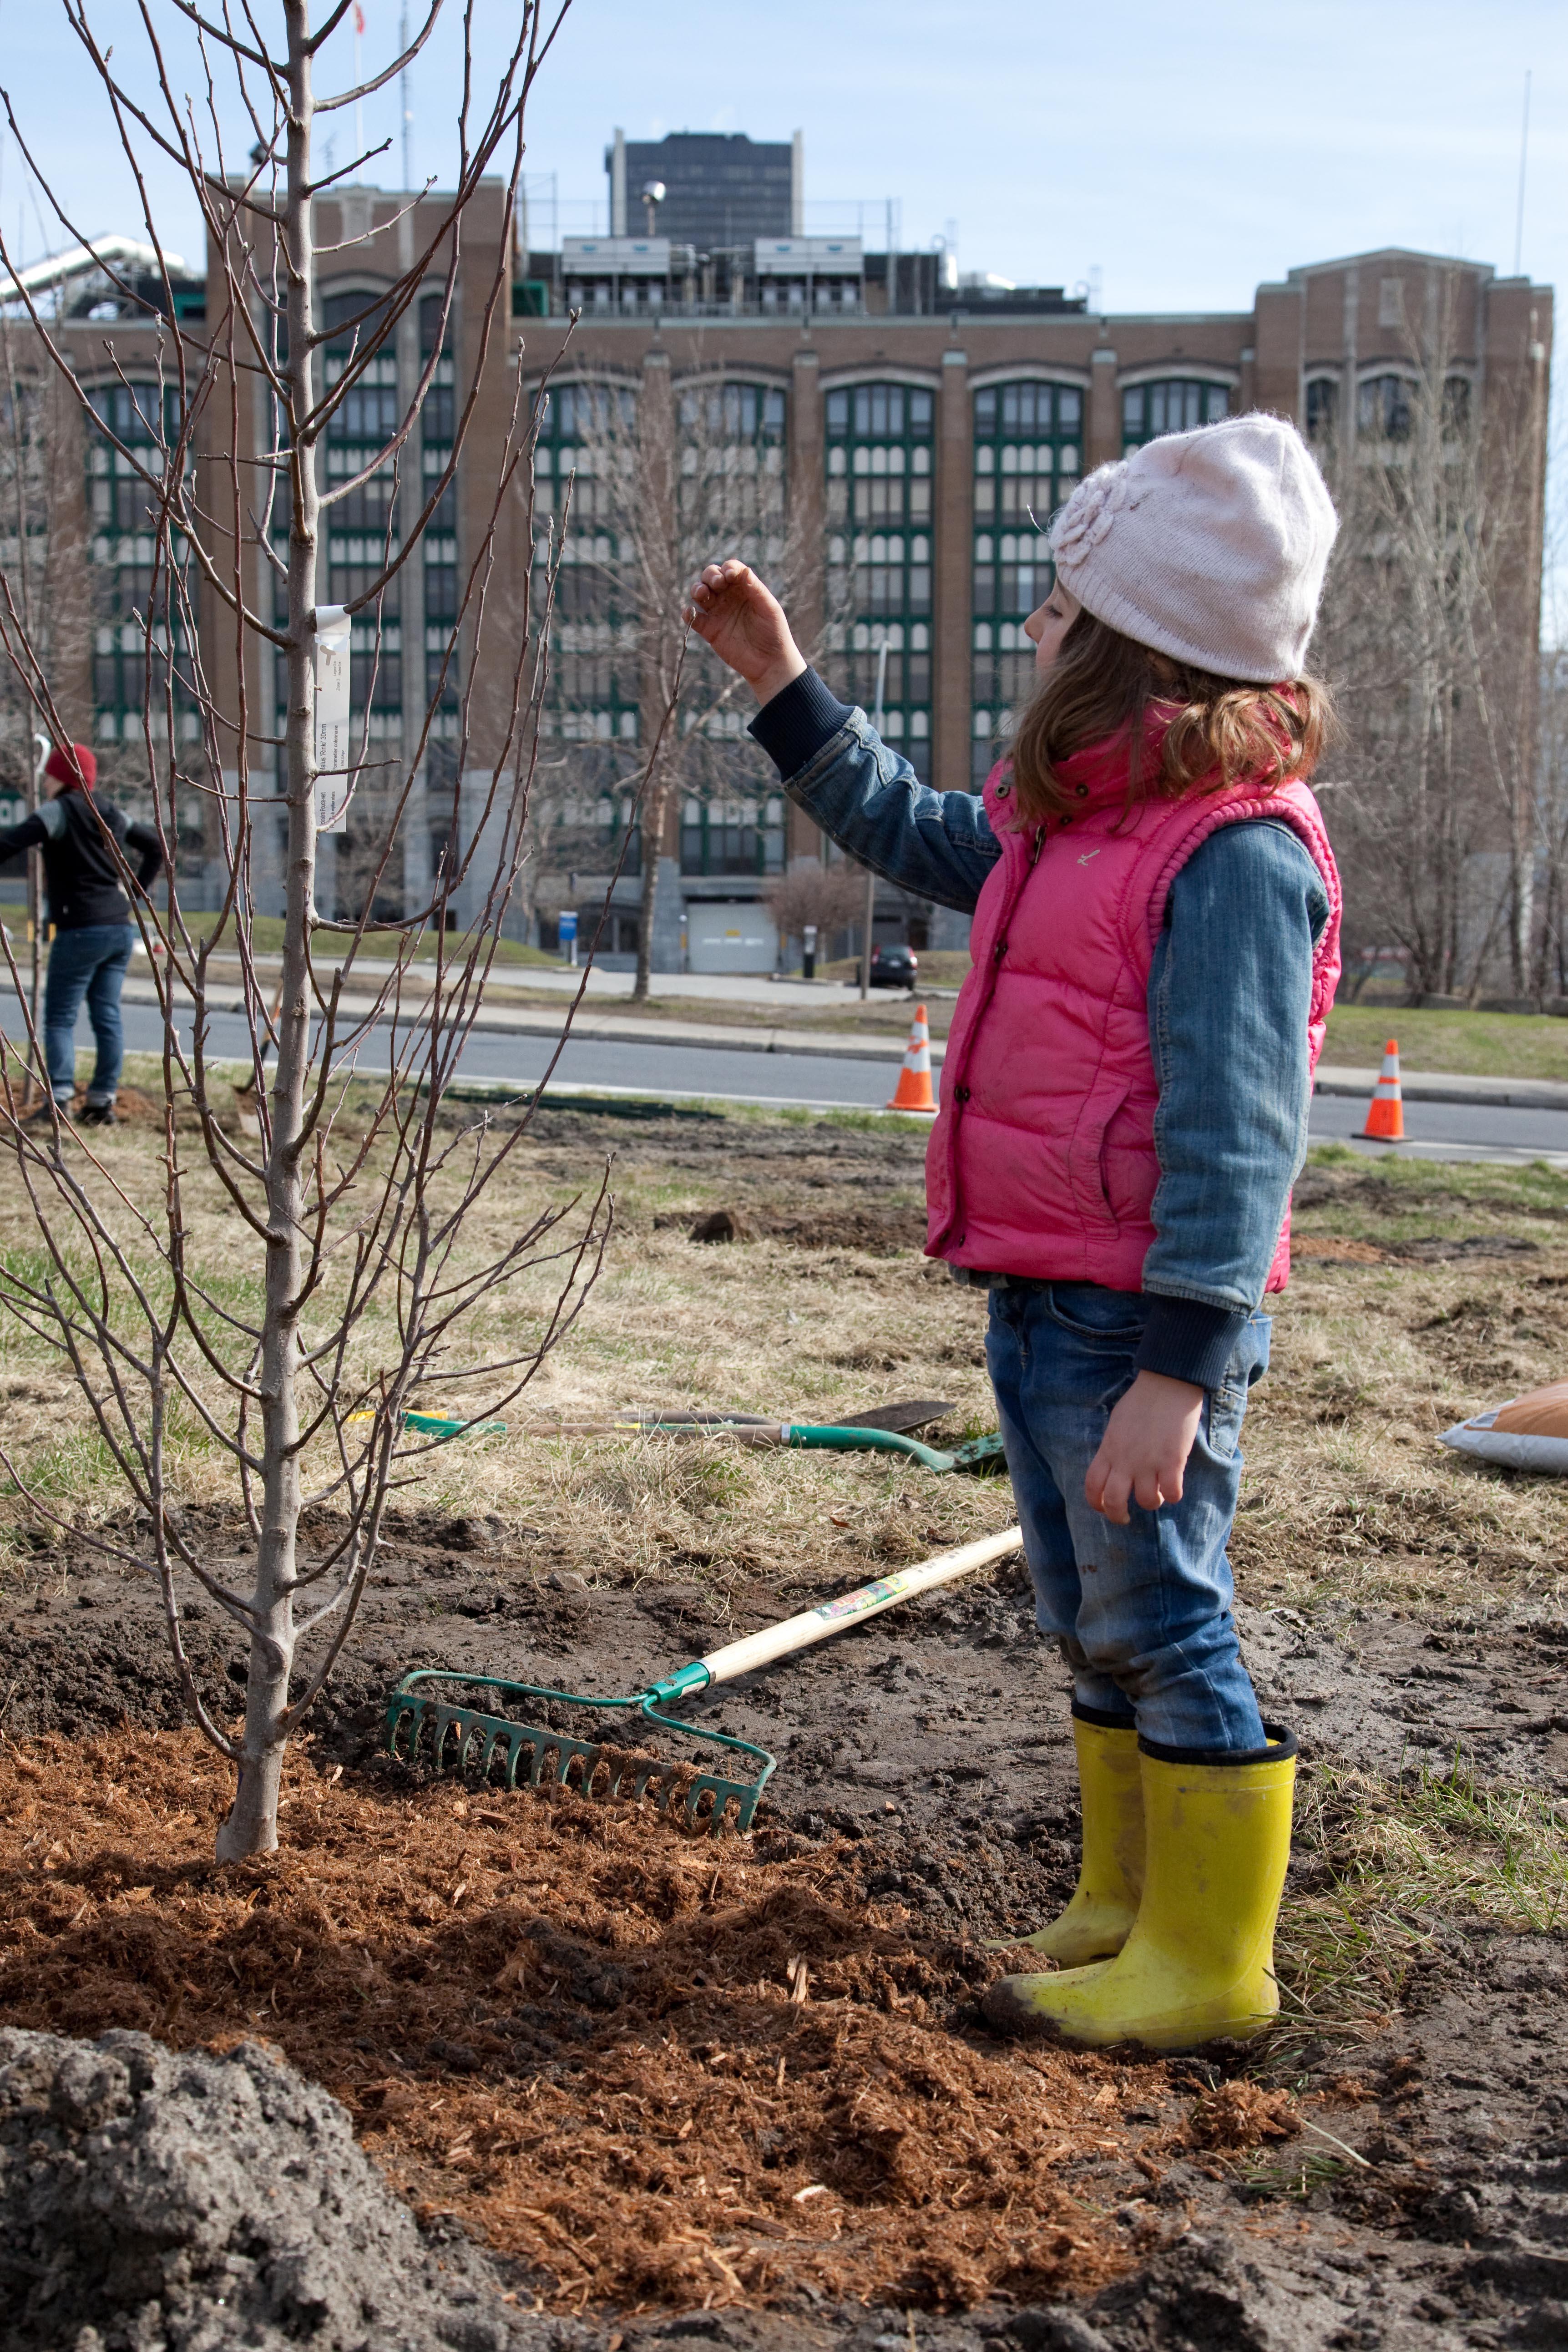 Le 22 avril, on célèbre le Jour de la Terre !